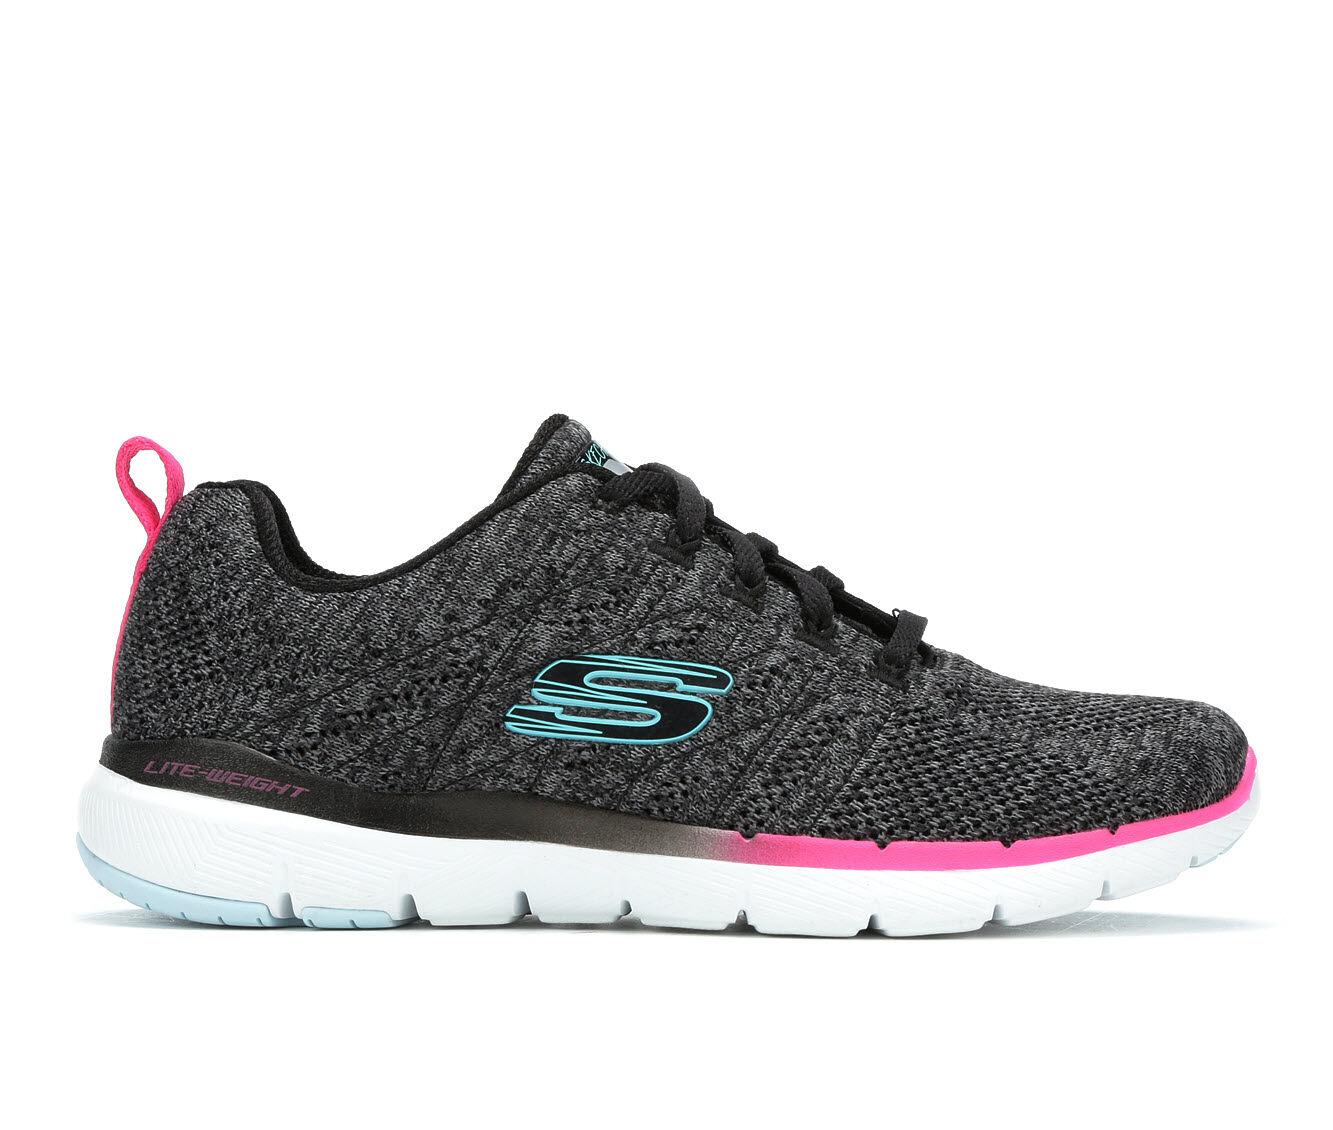 Women's Skechers Reinfall 13058 Sneakers Black/Blue/Pink